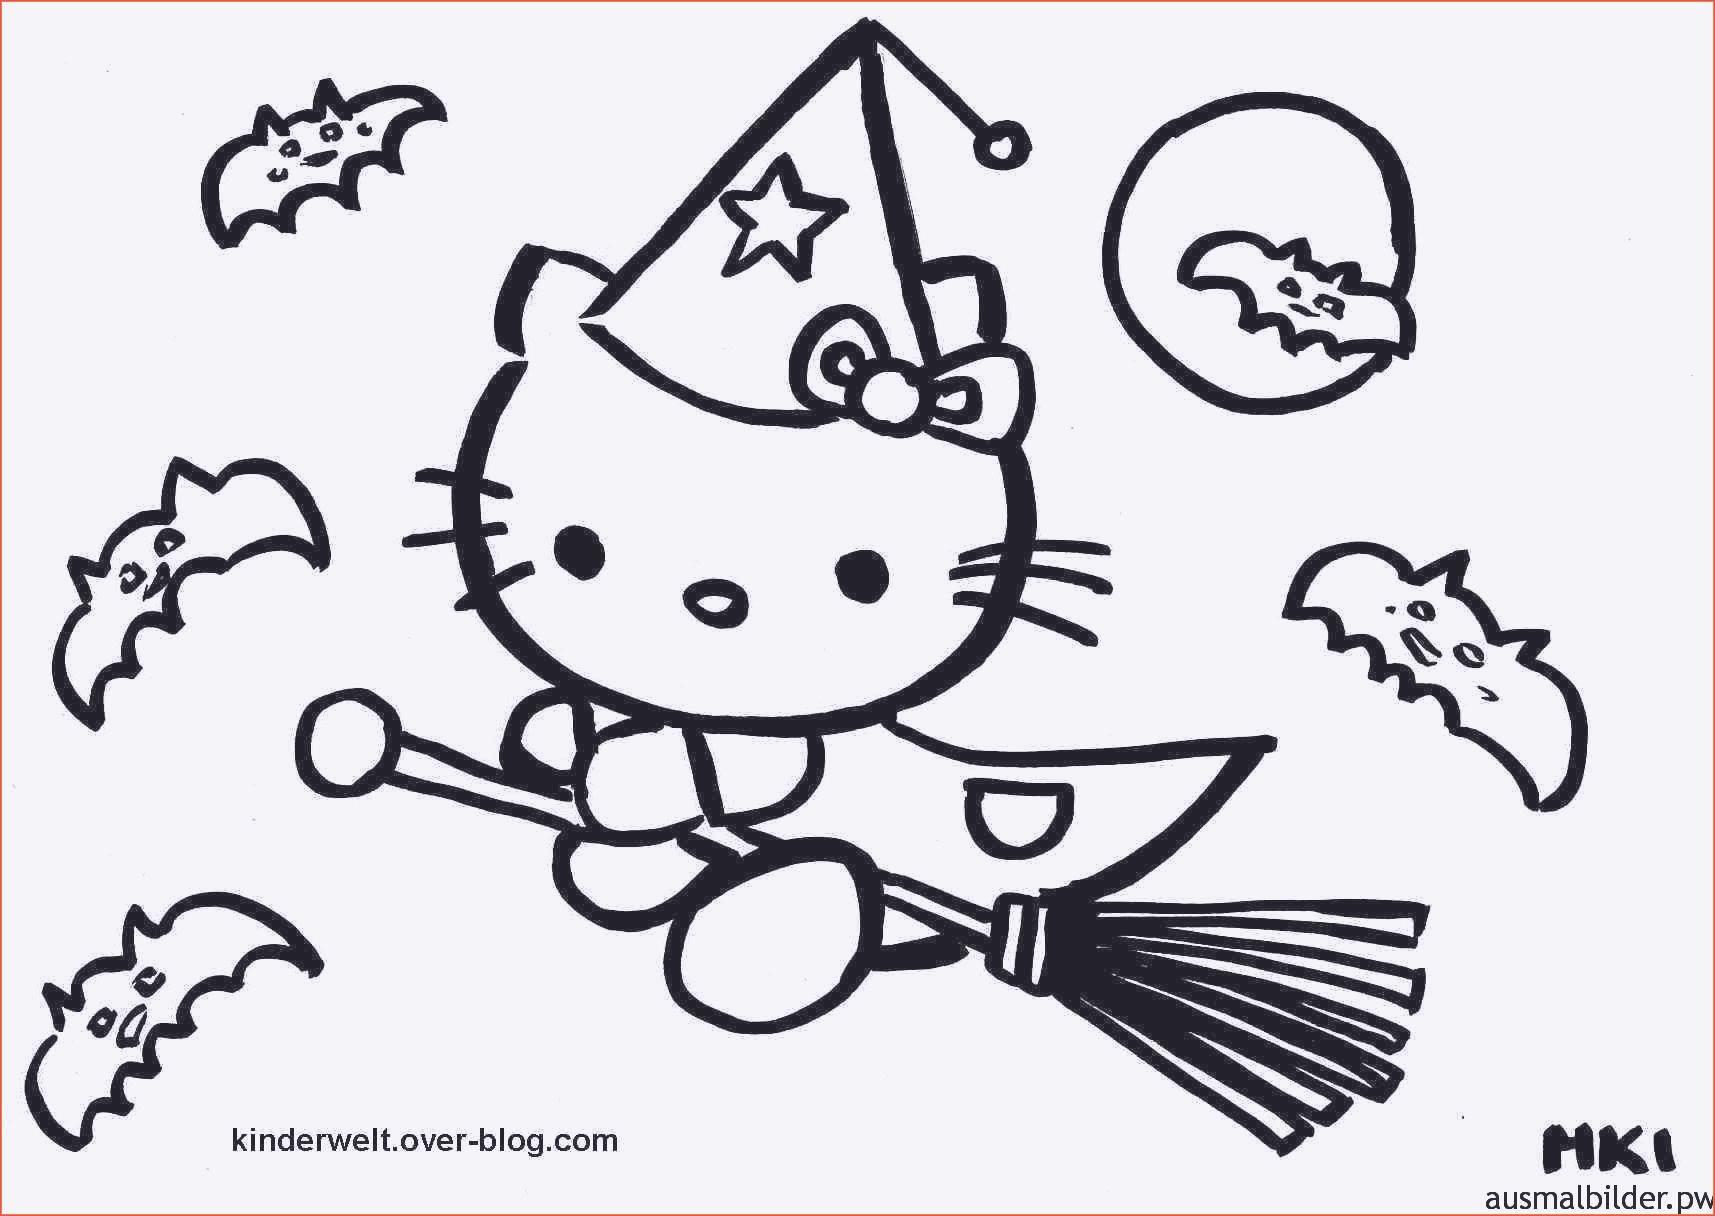 Ausmalbilder Weihnachten Hello Kitty Das Beste Von Ausmalbilder Kostenlos Hello Kitty Nouveau Image Malvorlagen Das Bild